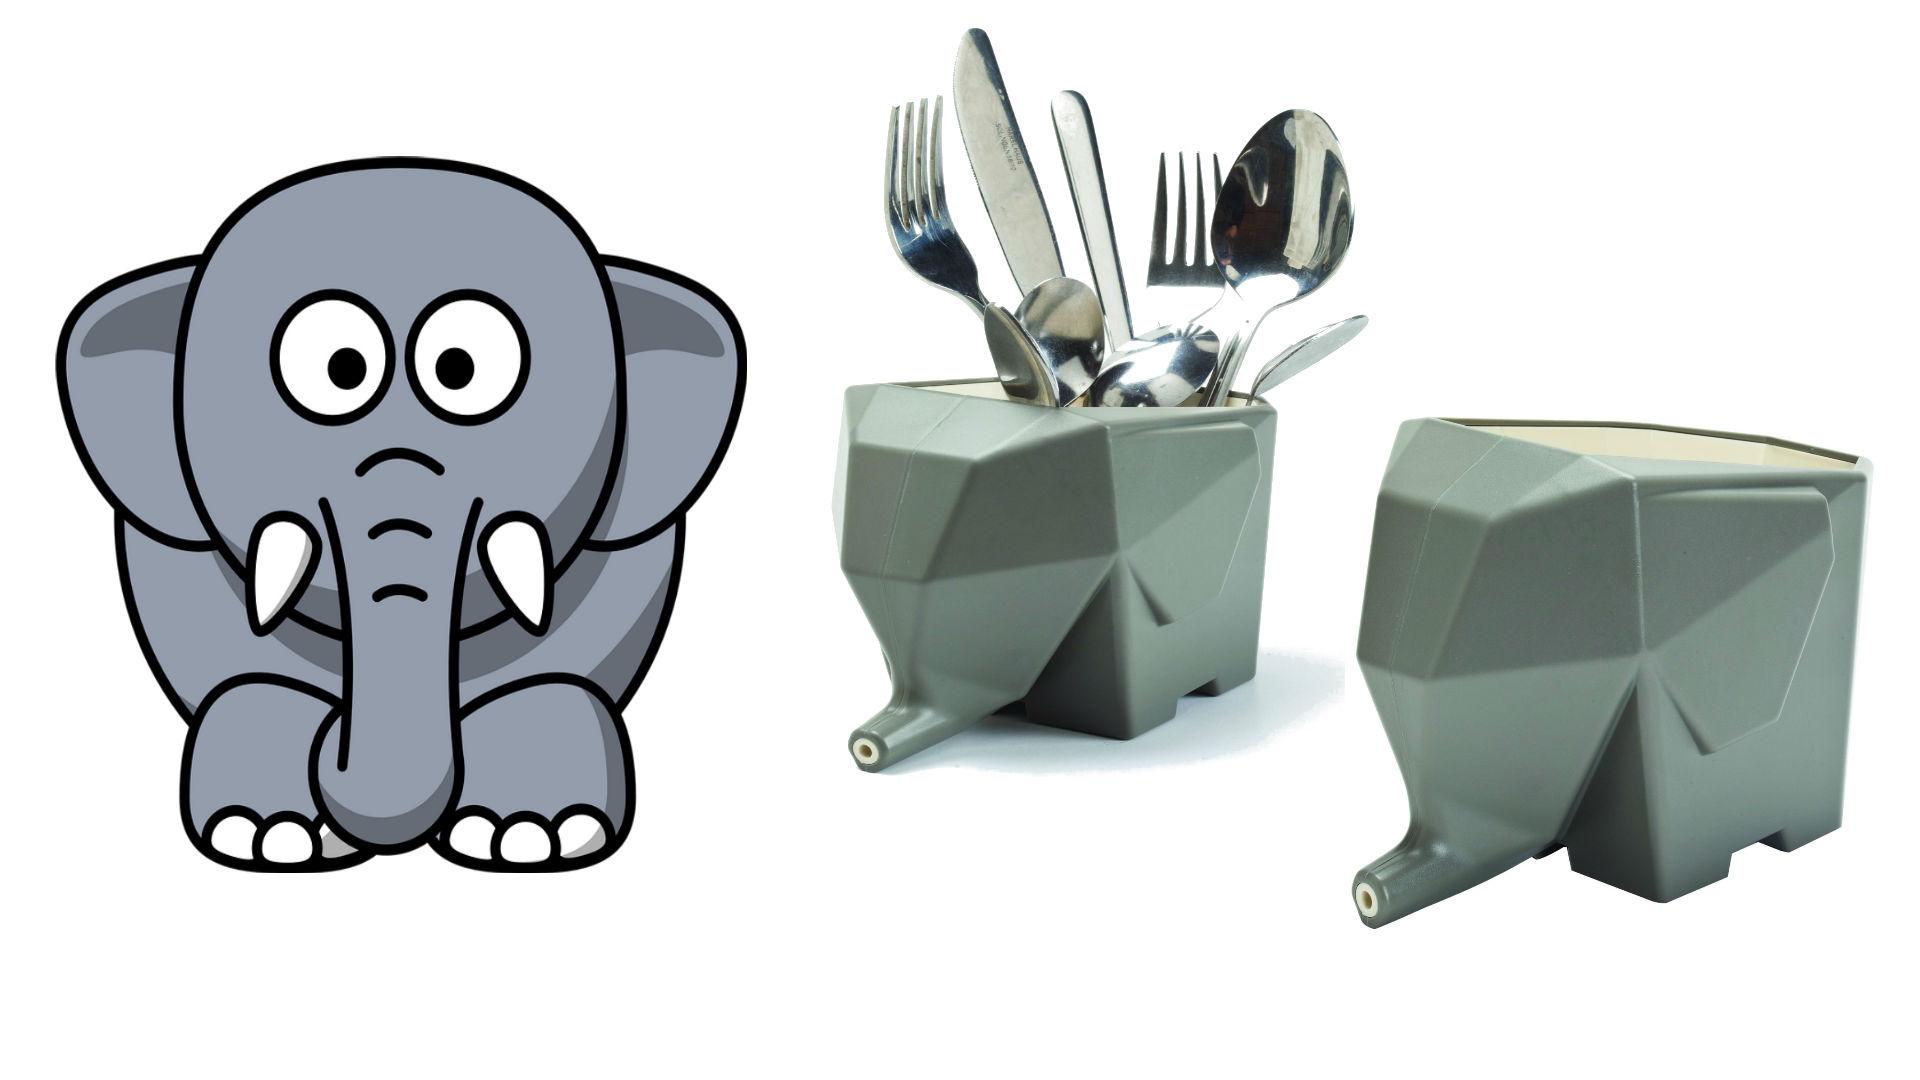 escurridor_de_cubiertos_elefante.jpg